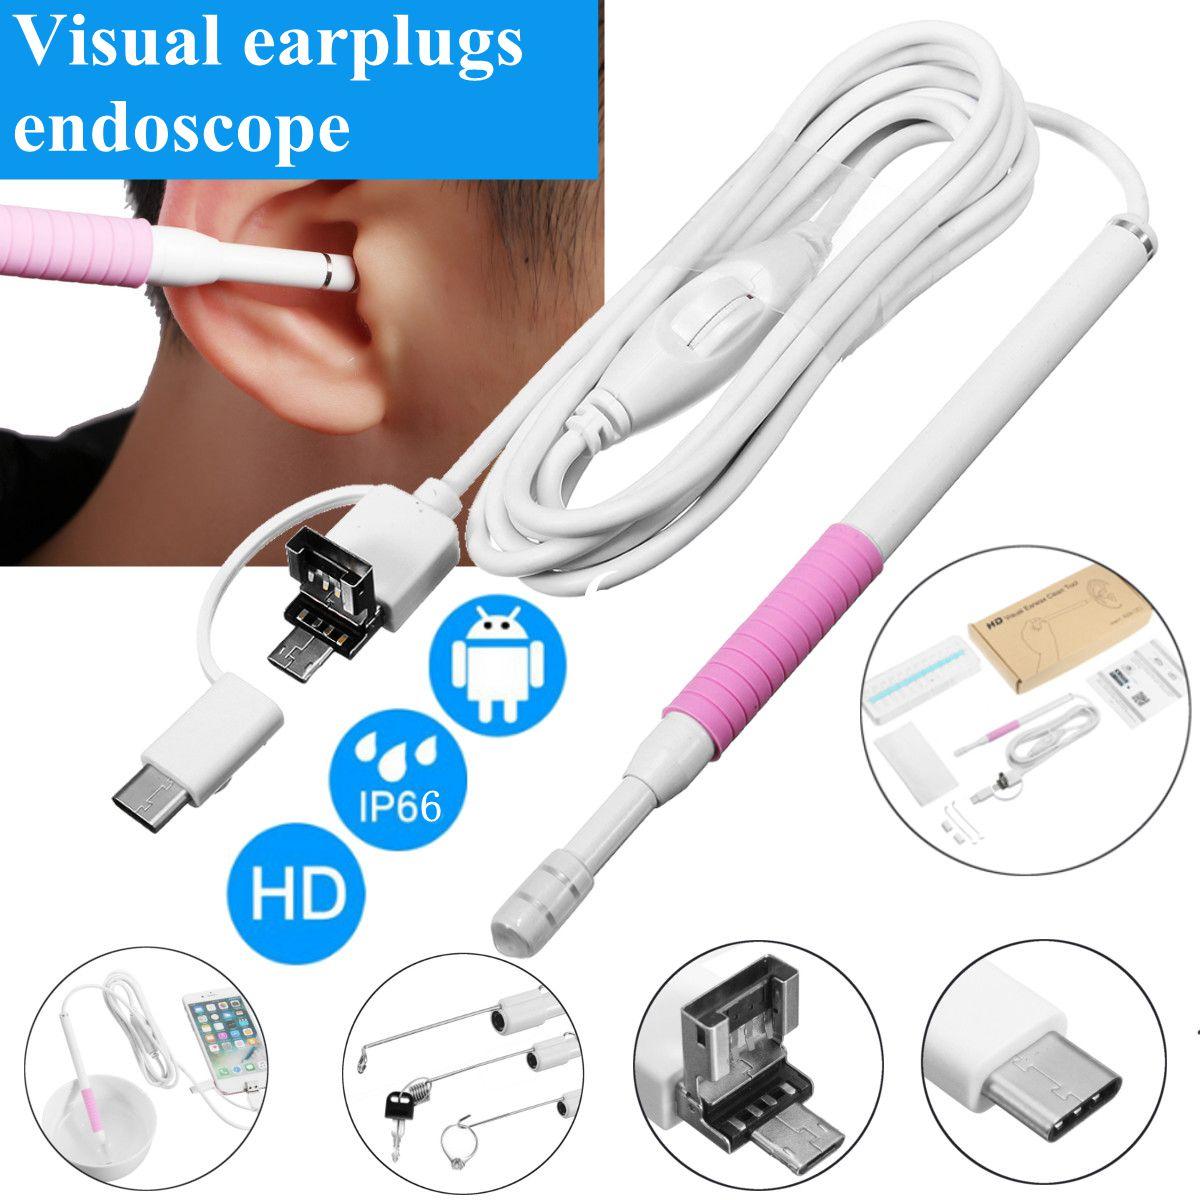 3-in-Pulizia Dell'orecchio Orecchio Cucchiaio Earpick Otoscopio Fotocamera USB Endoscopio 5.5mm Visiva